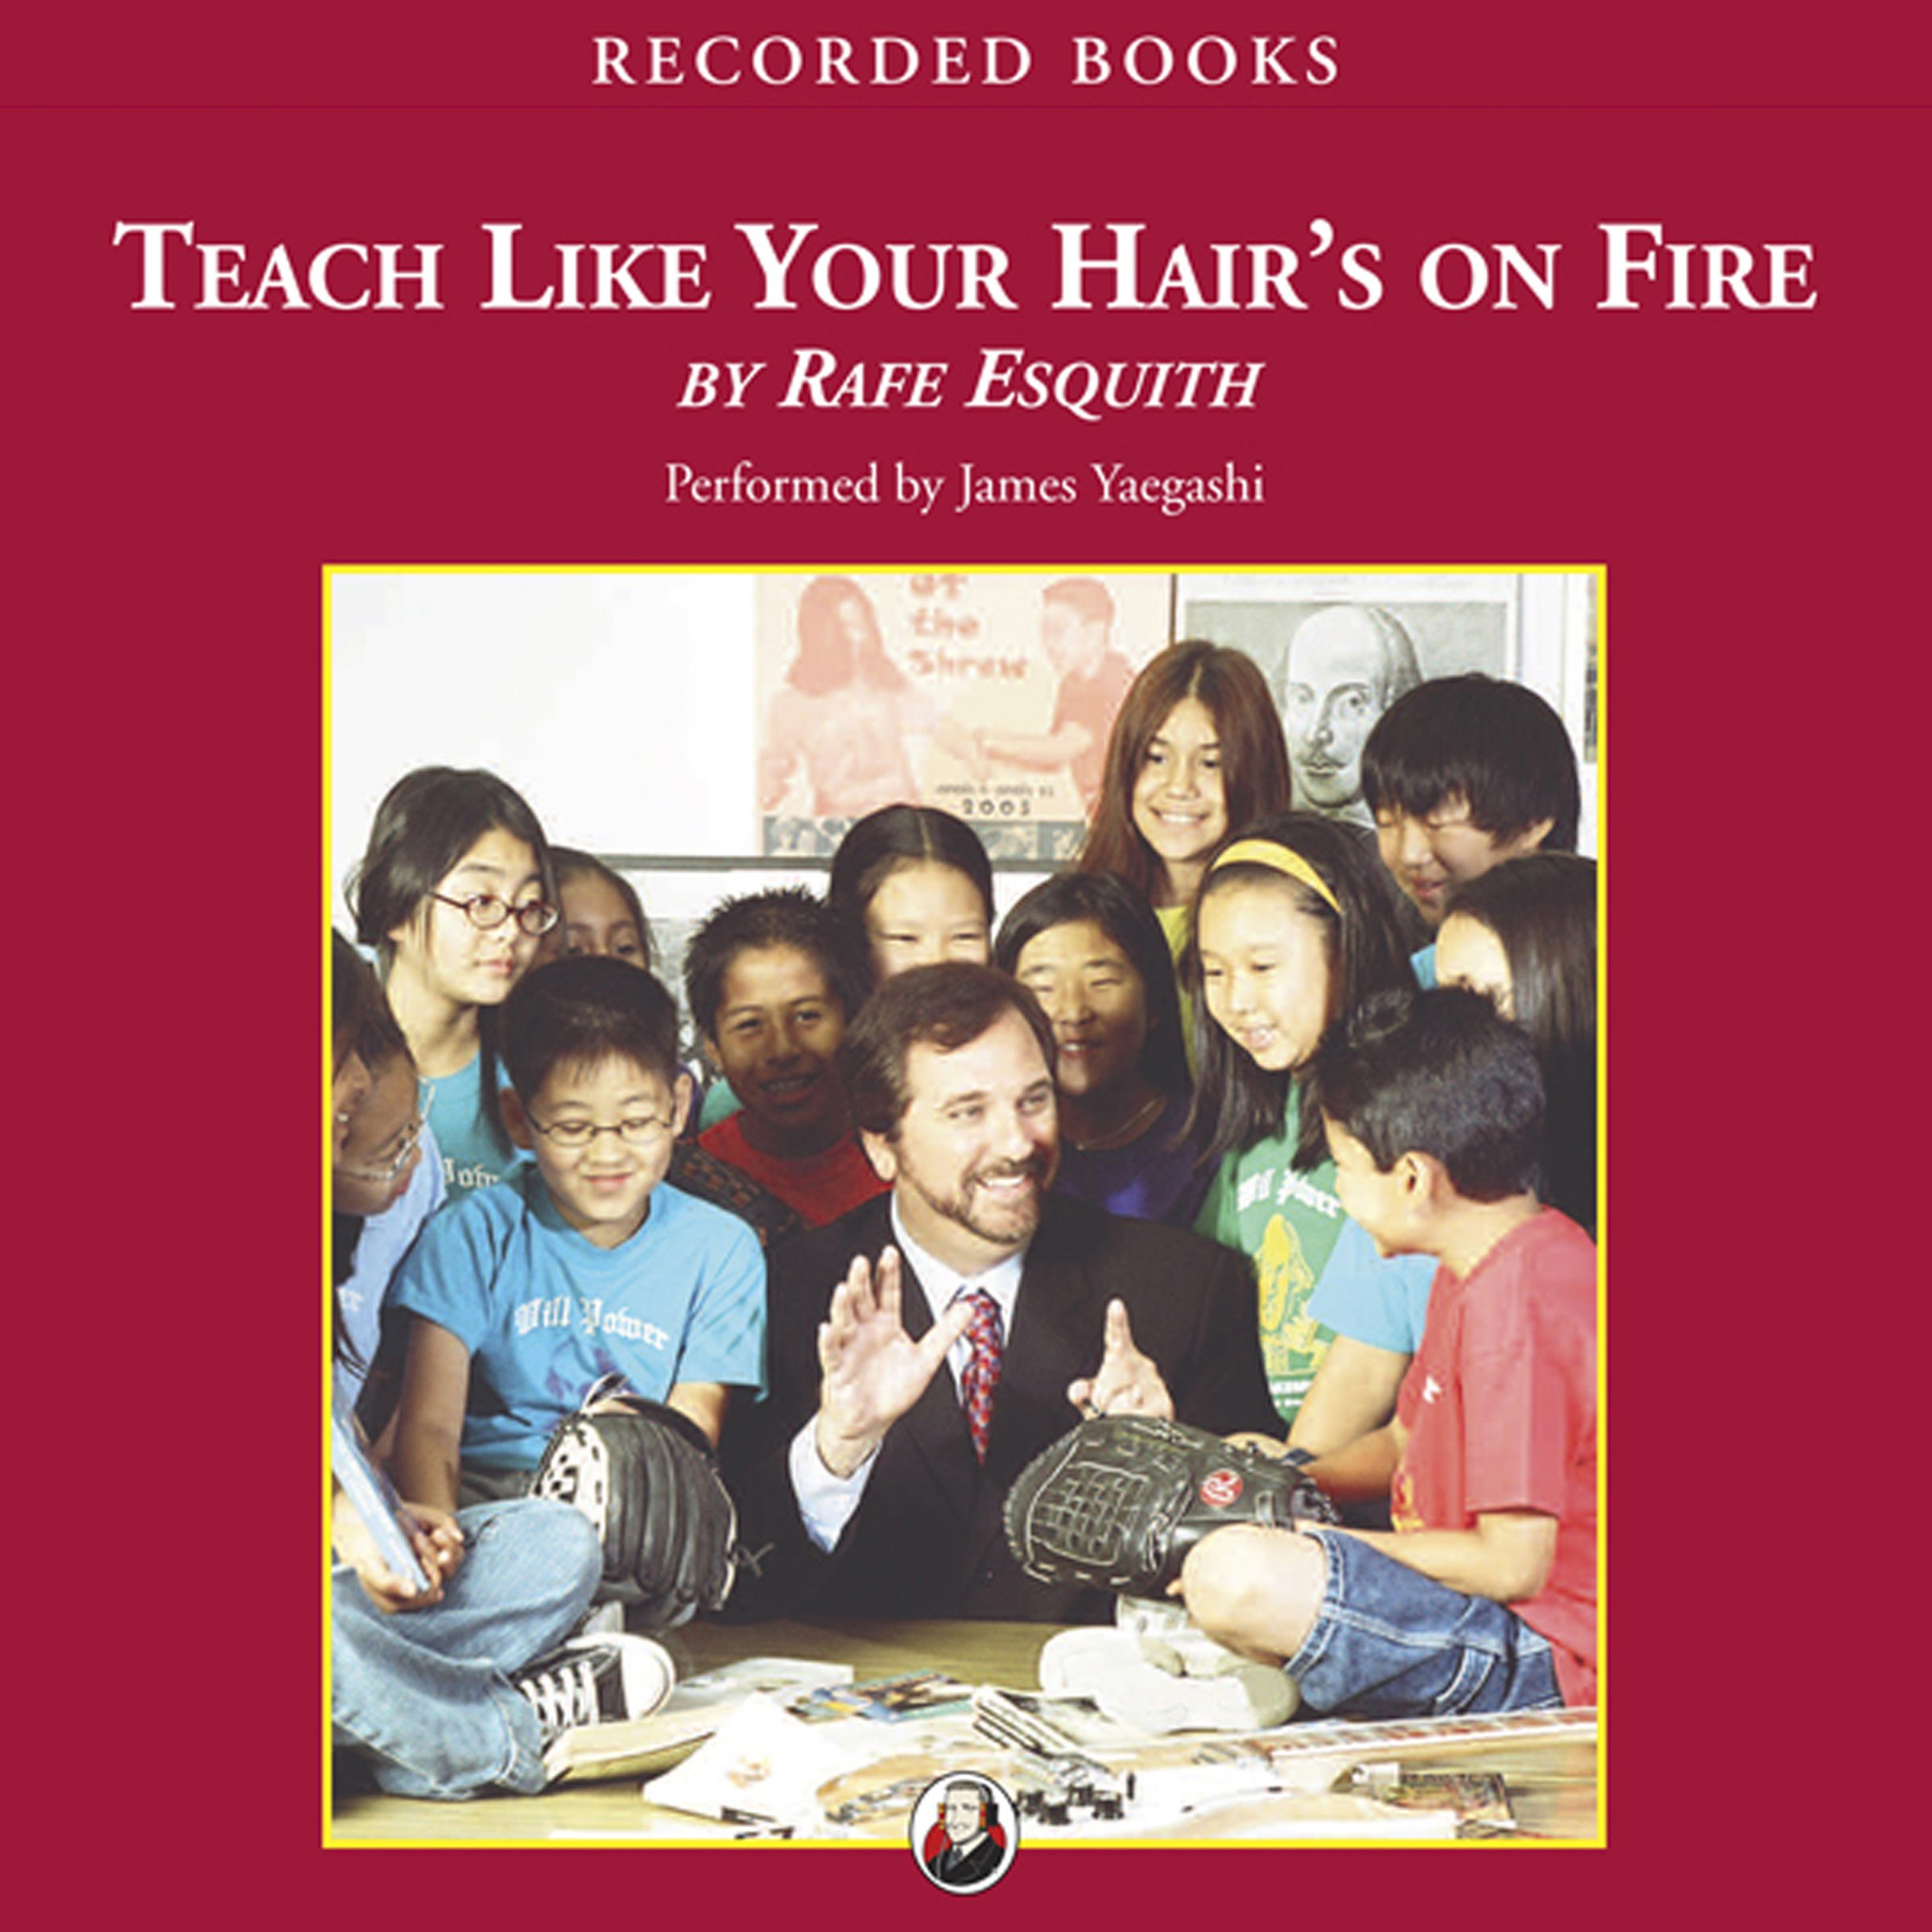 Teach Like Your Hair's On Fire